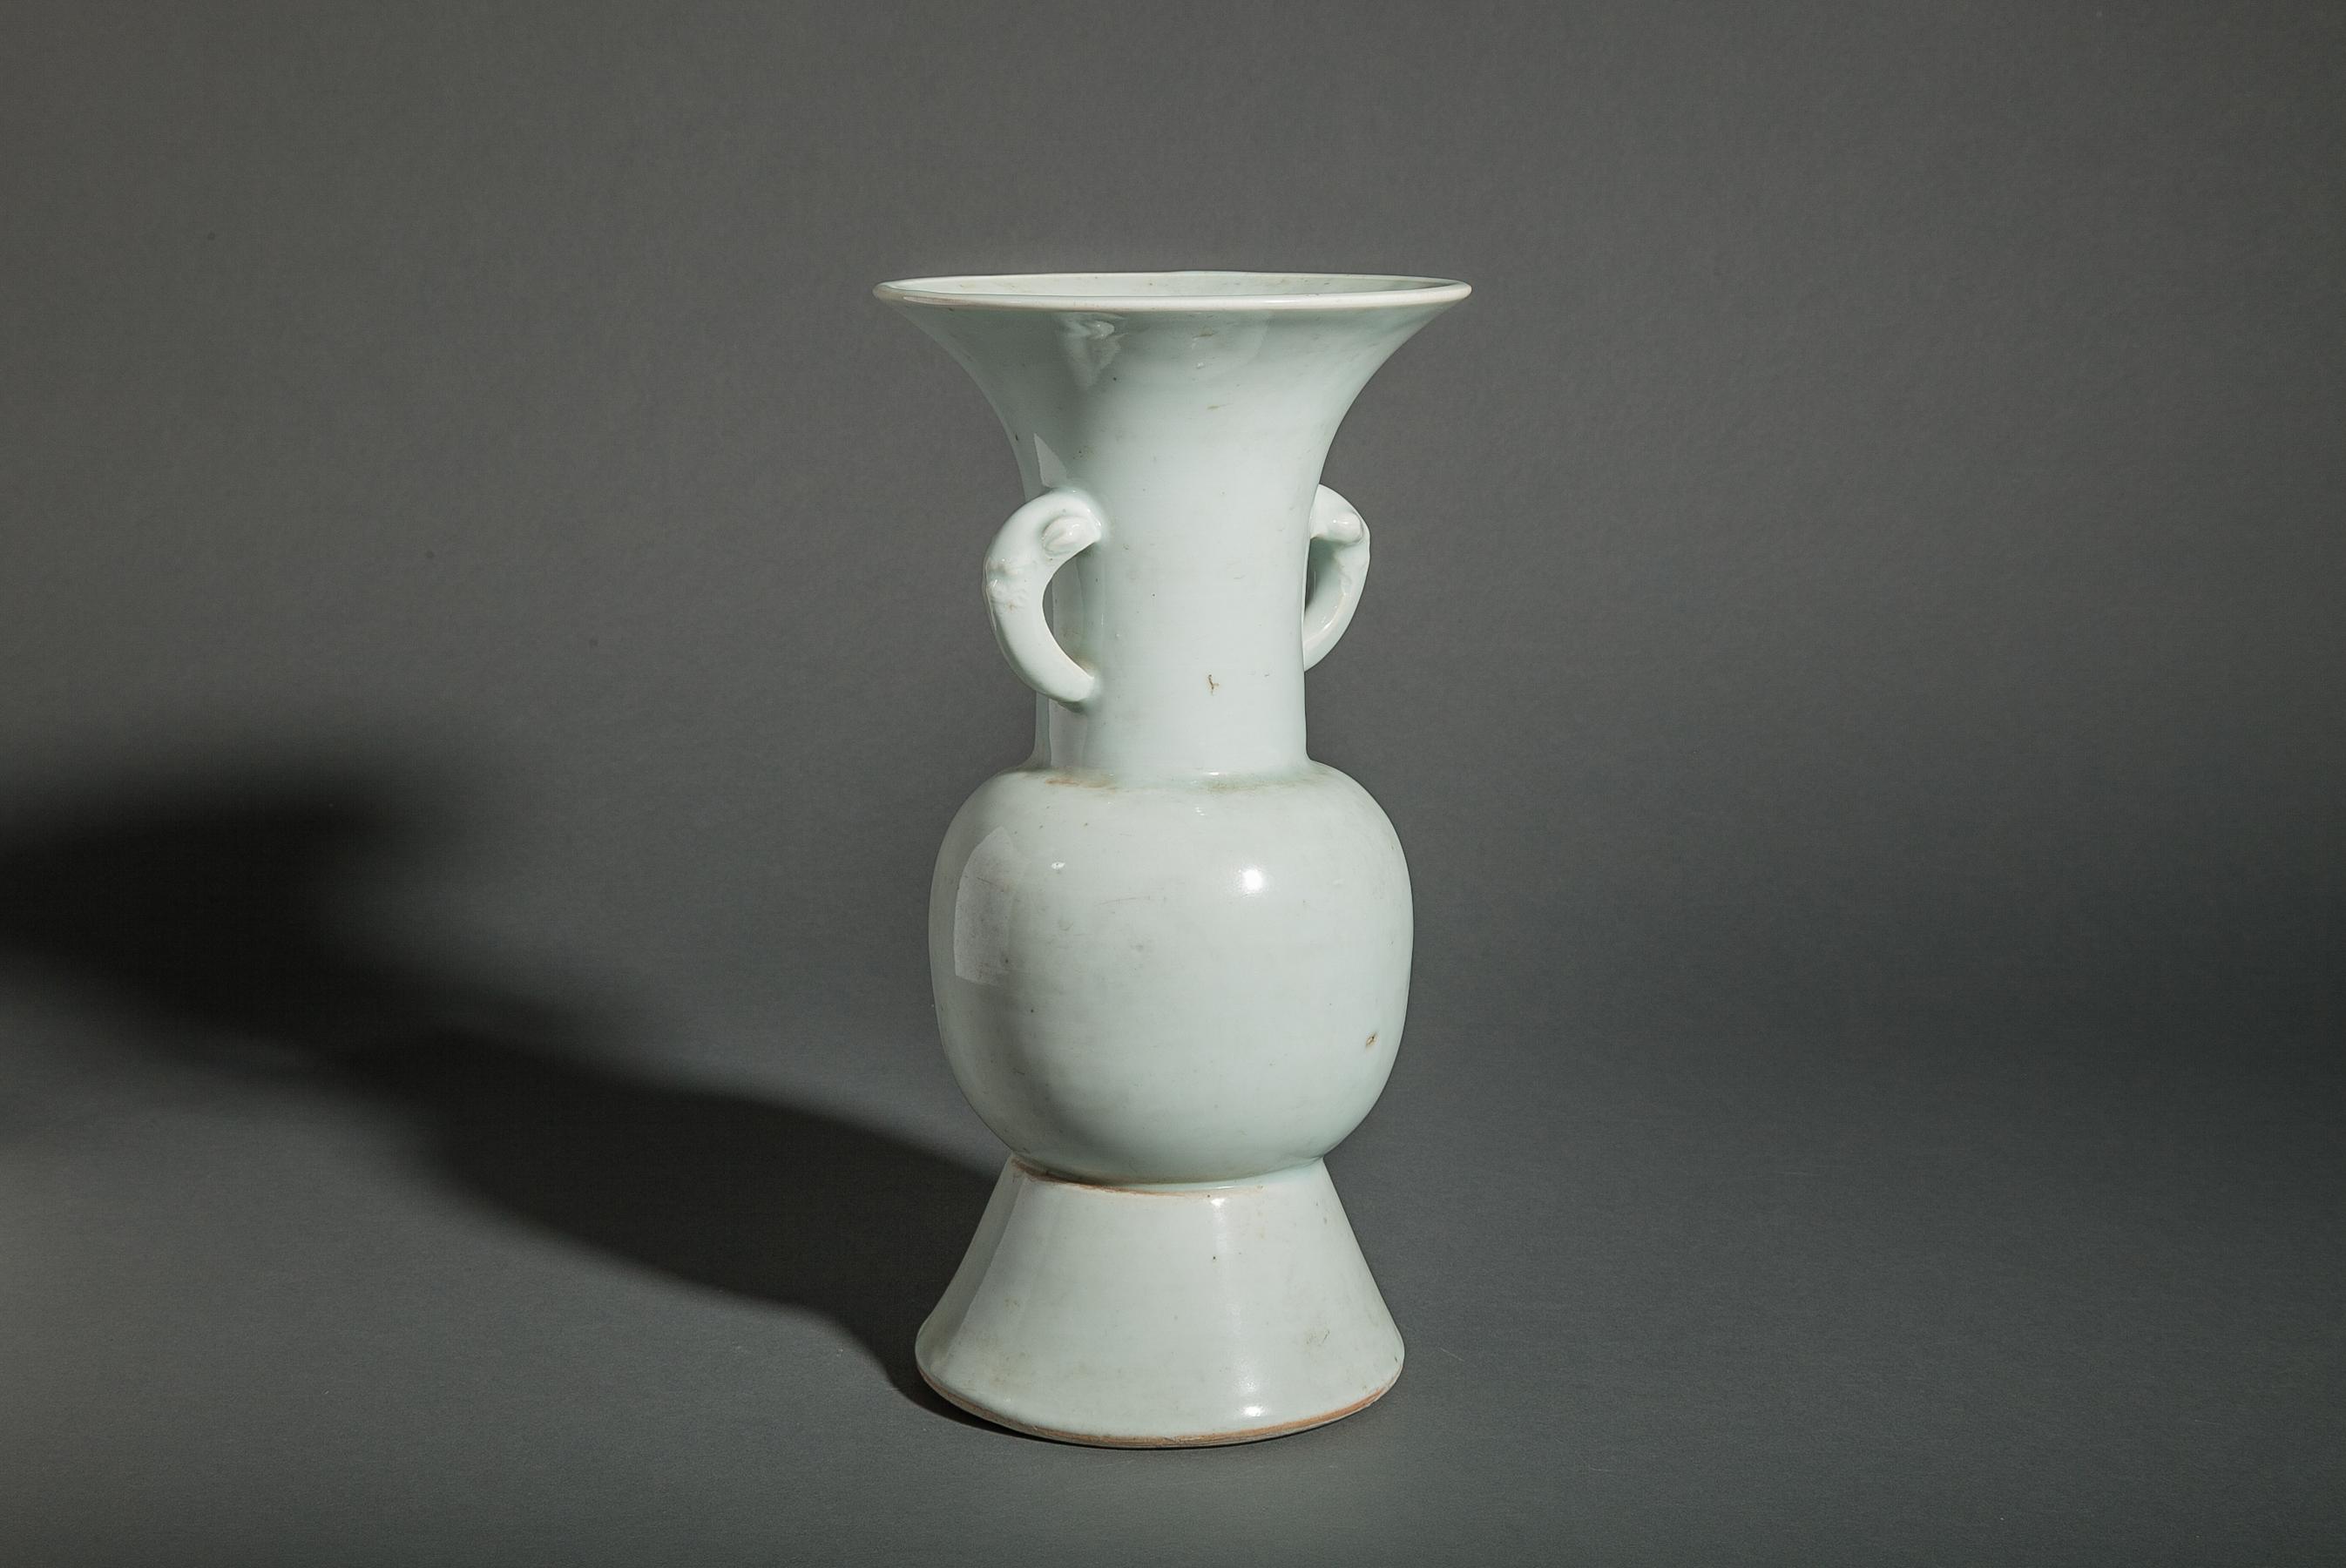 Antique Chinese Pale Celadon Ceramic Vase